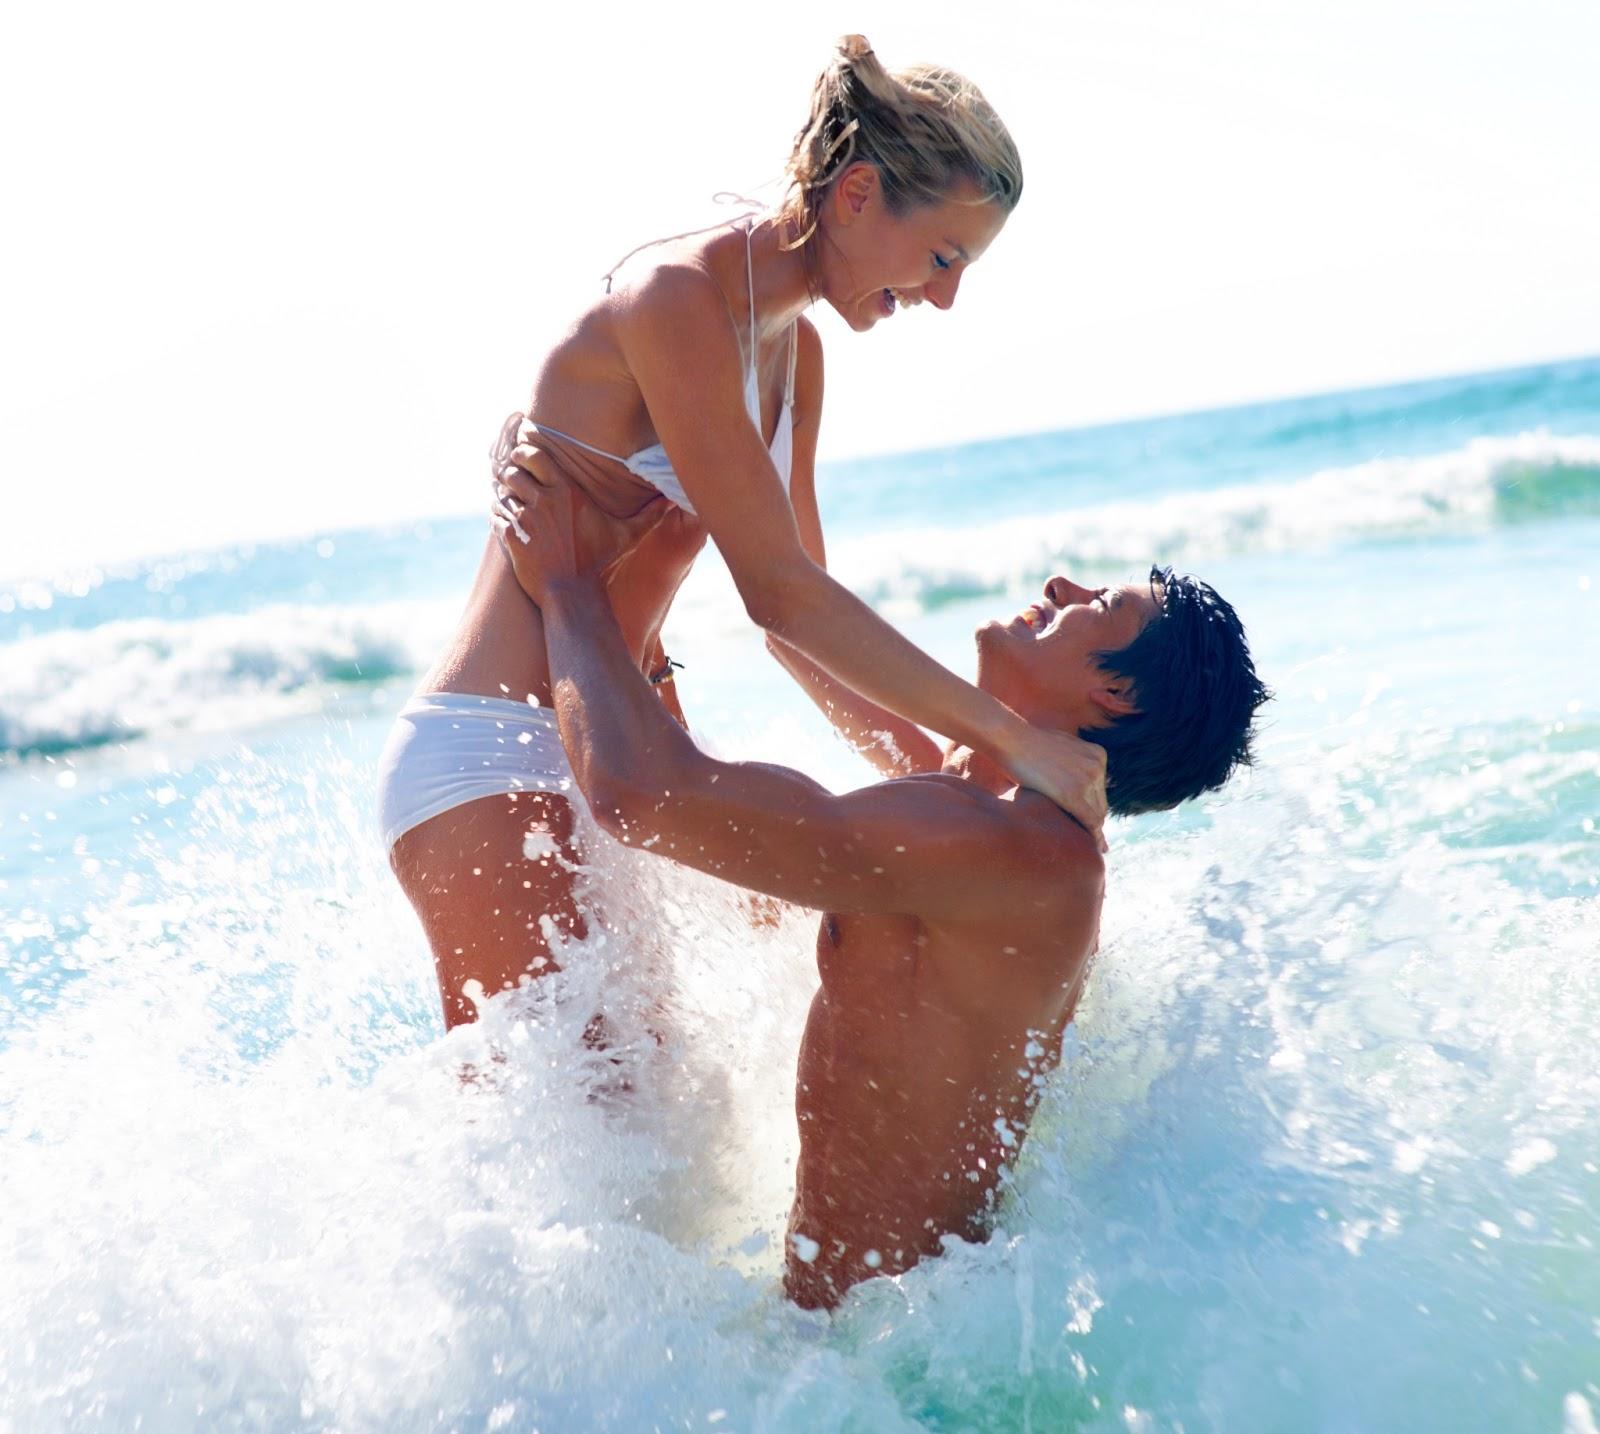 Парень с девушкой на картинке купаются 10